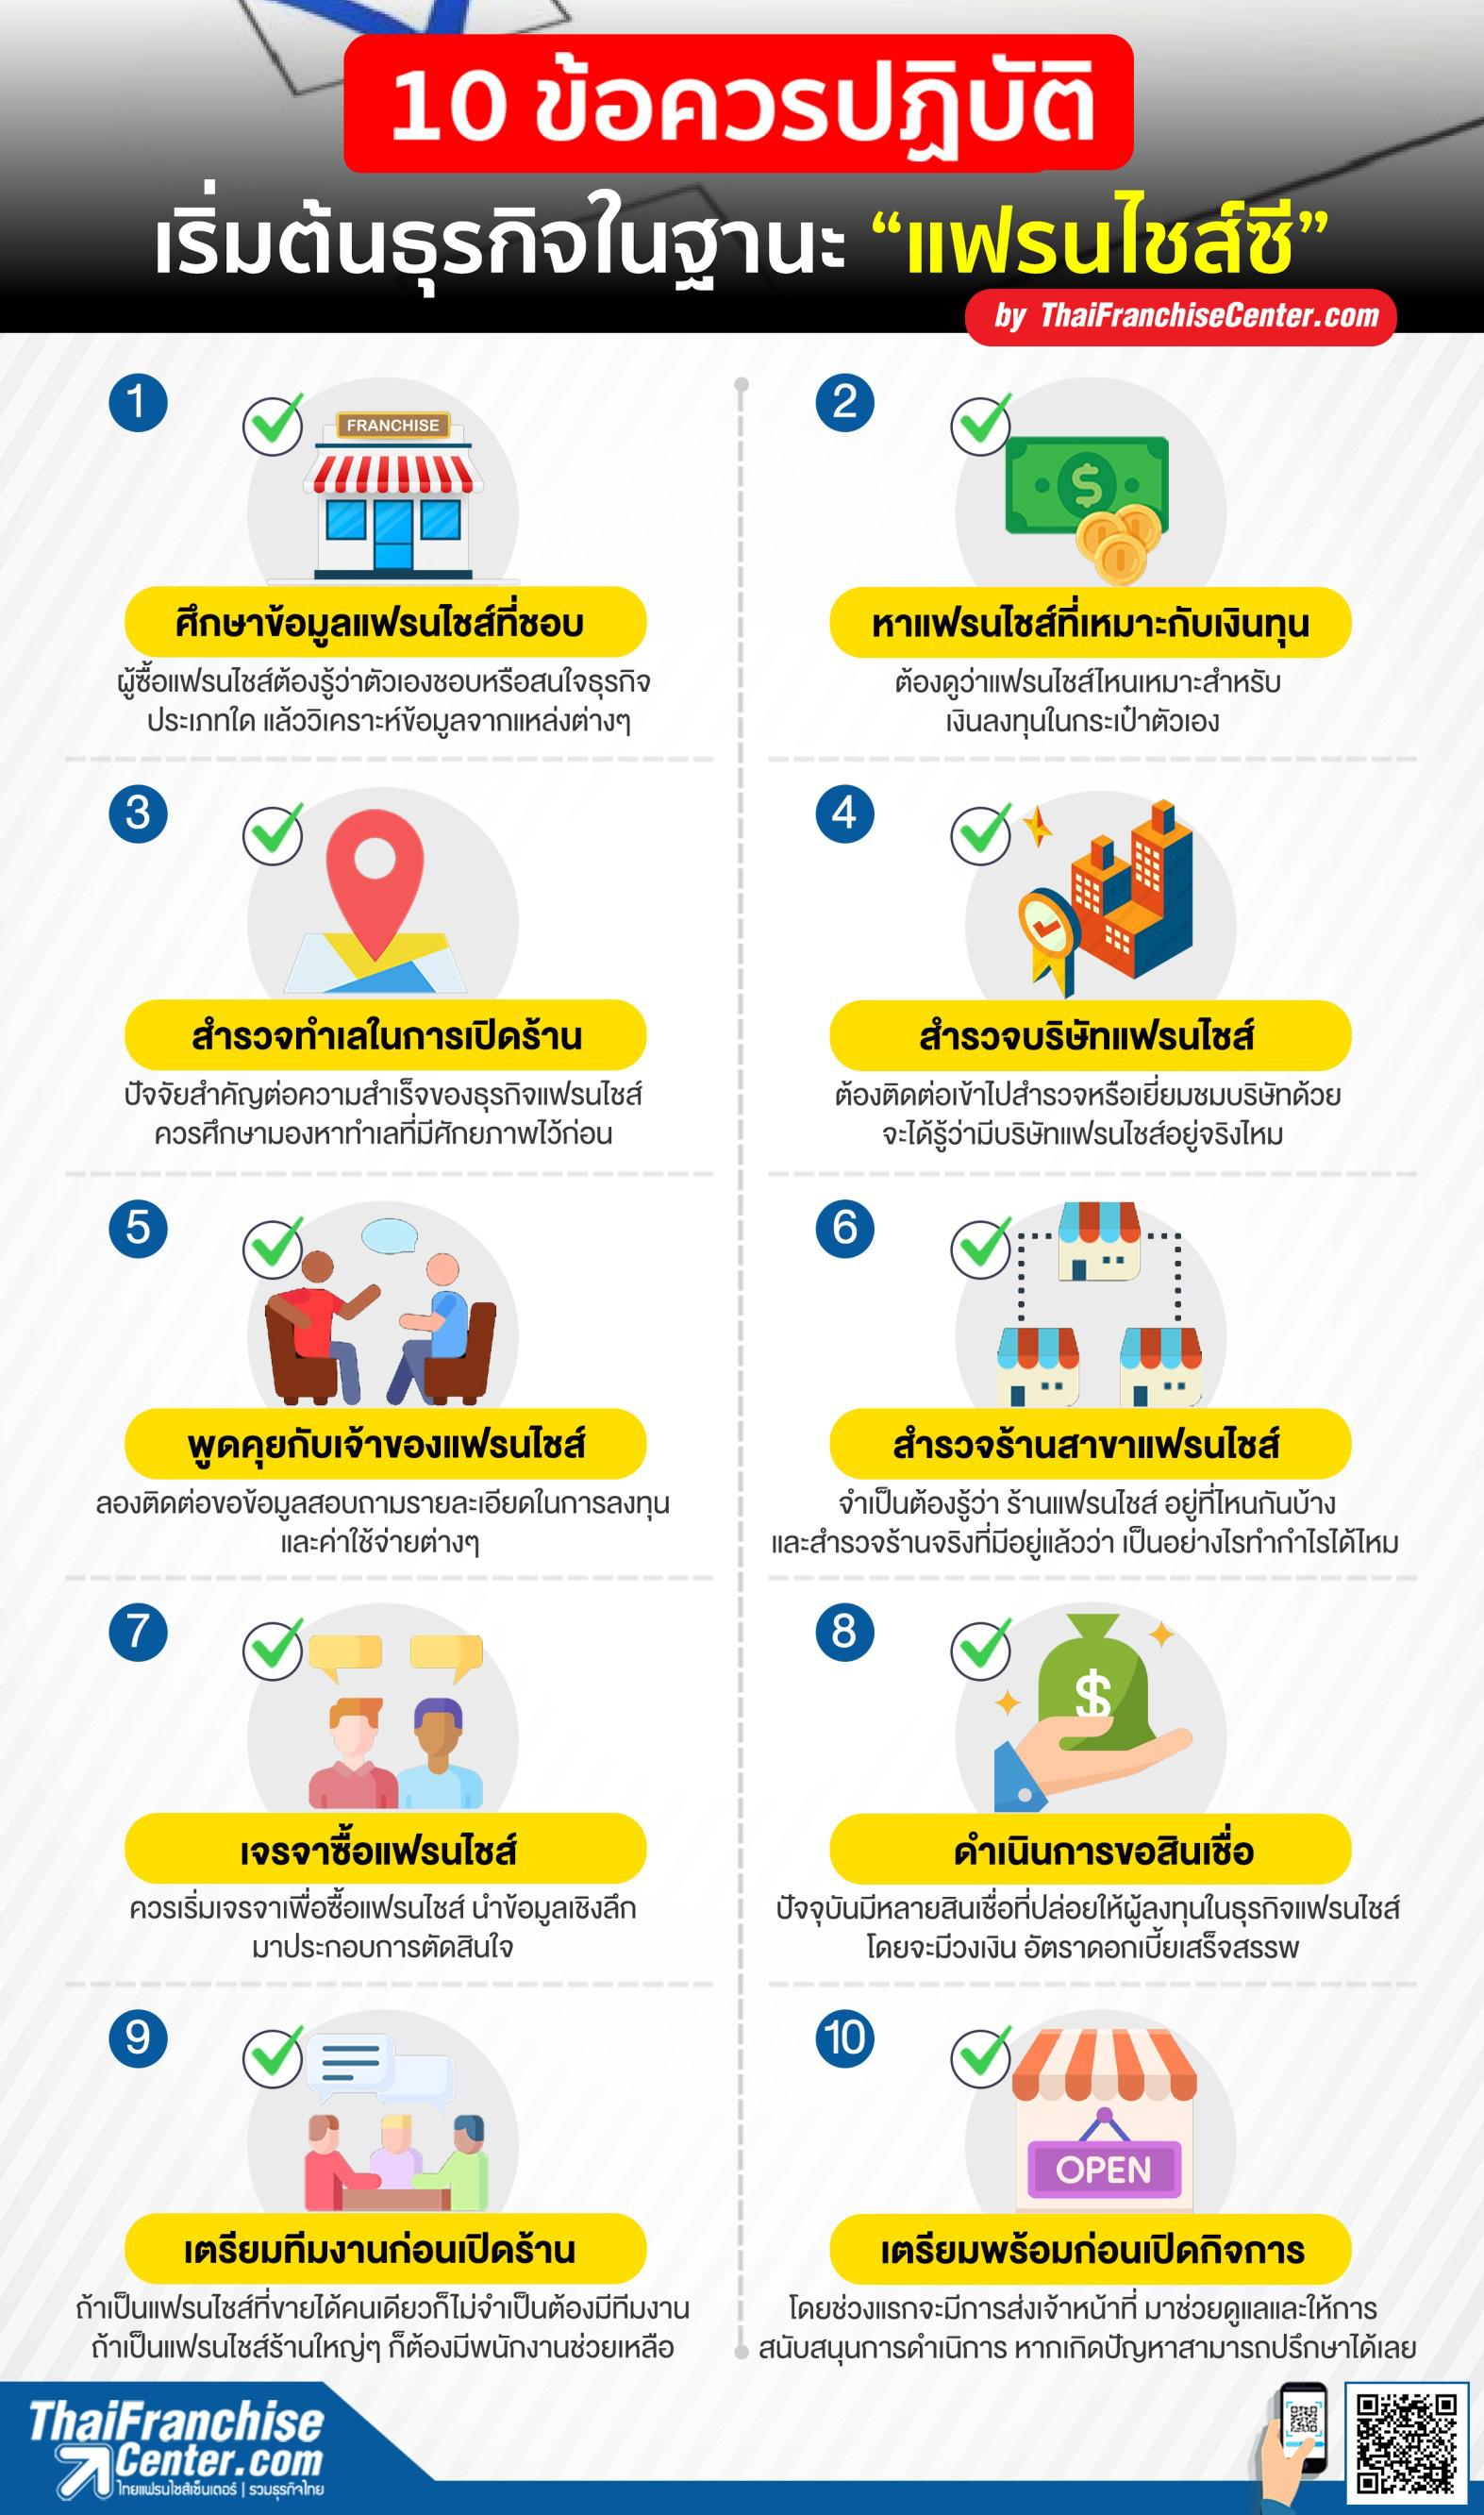 """10 ข้อควรปฏิบัติ เริ่มต้นธุรกิจในฐานะ """"แฟรนไชส์ซี"""", บทความแฟรนไชส์ ,  การเริ่มต้นธุรกิจแฟรนไชส์ , ความรู้ทั่วไประบบแฟรนไชส์ by  ThaiFranchiseCenter.com"""